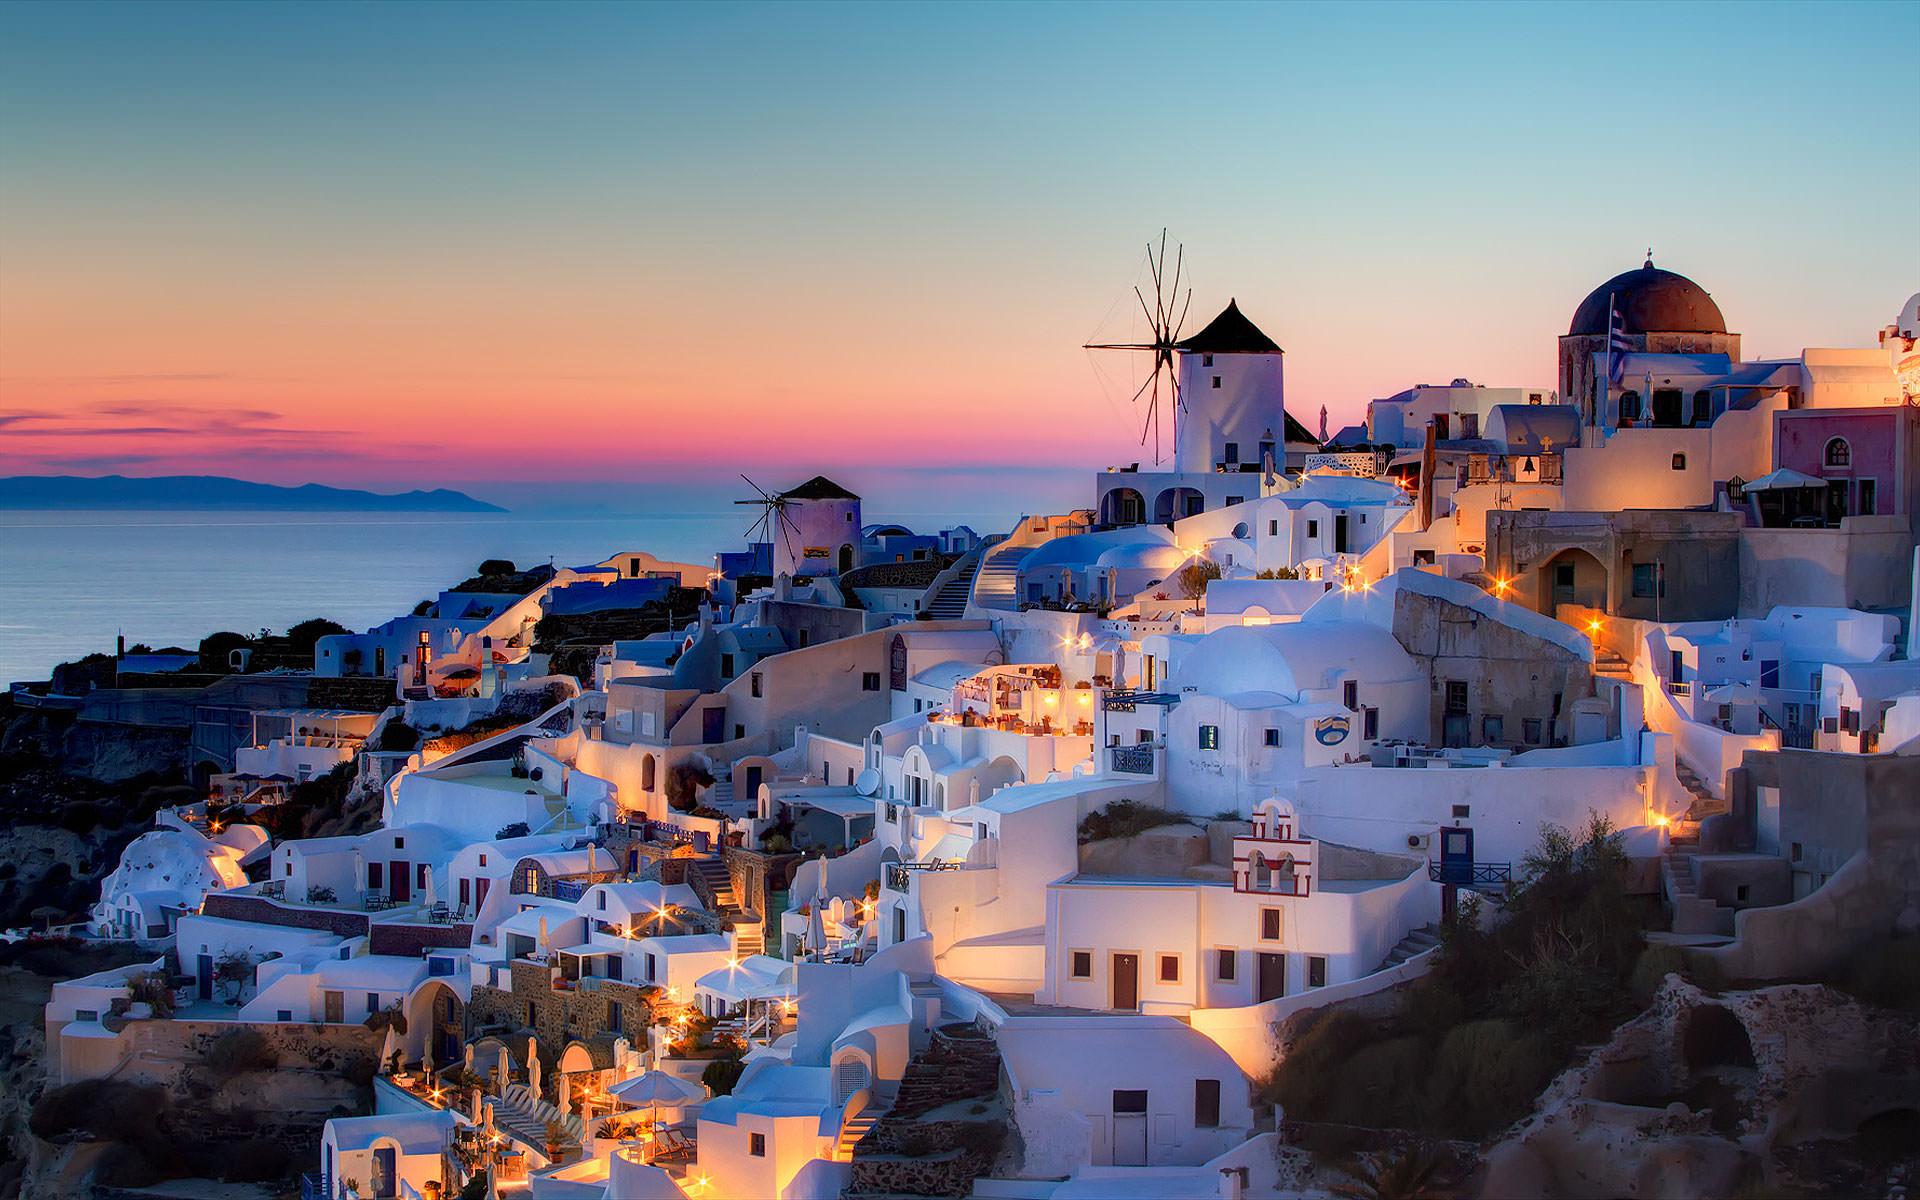 santorini-island-in-greece-ex